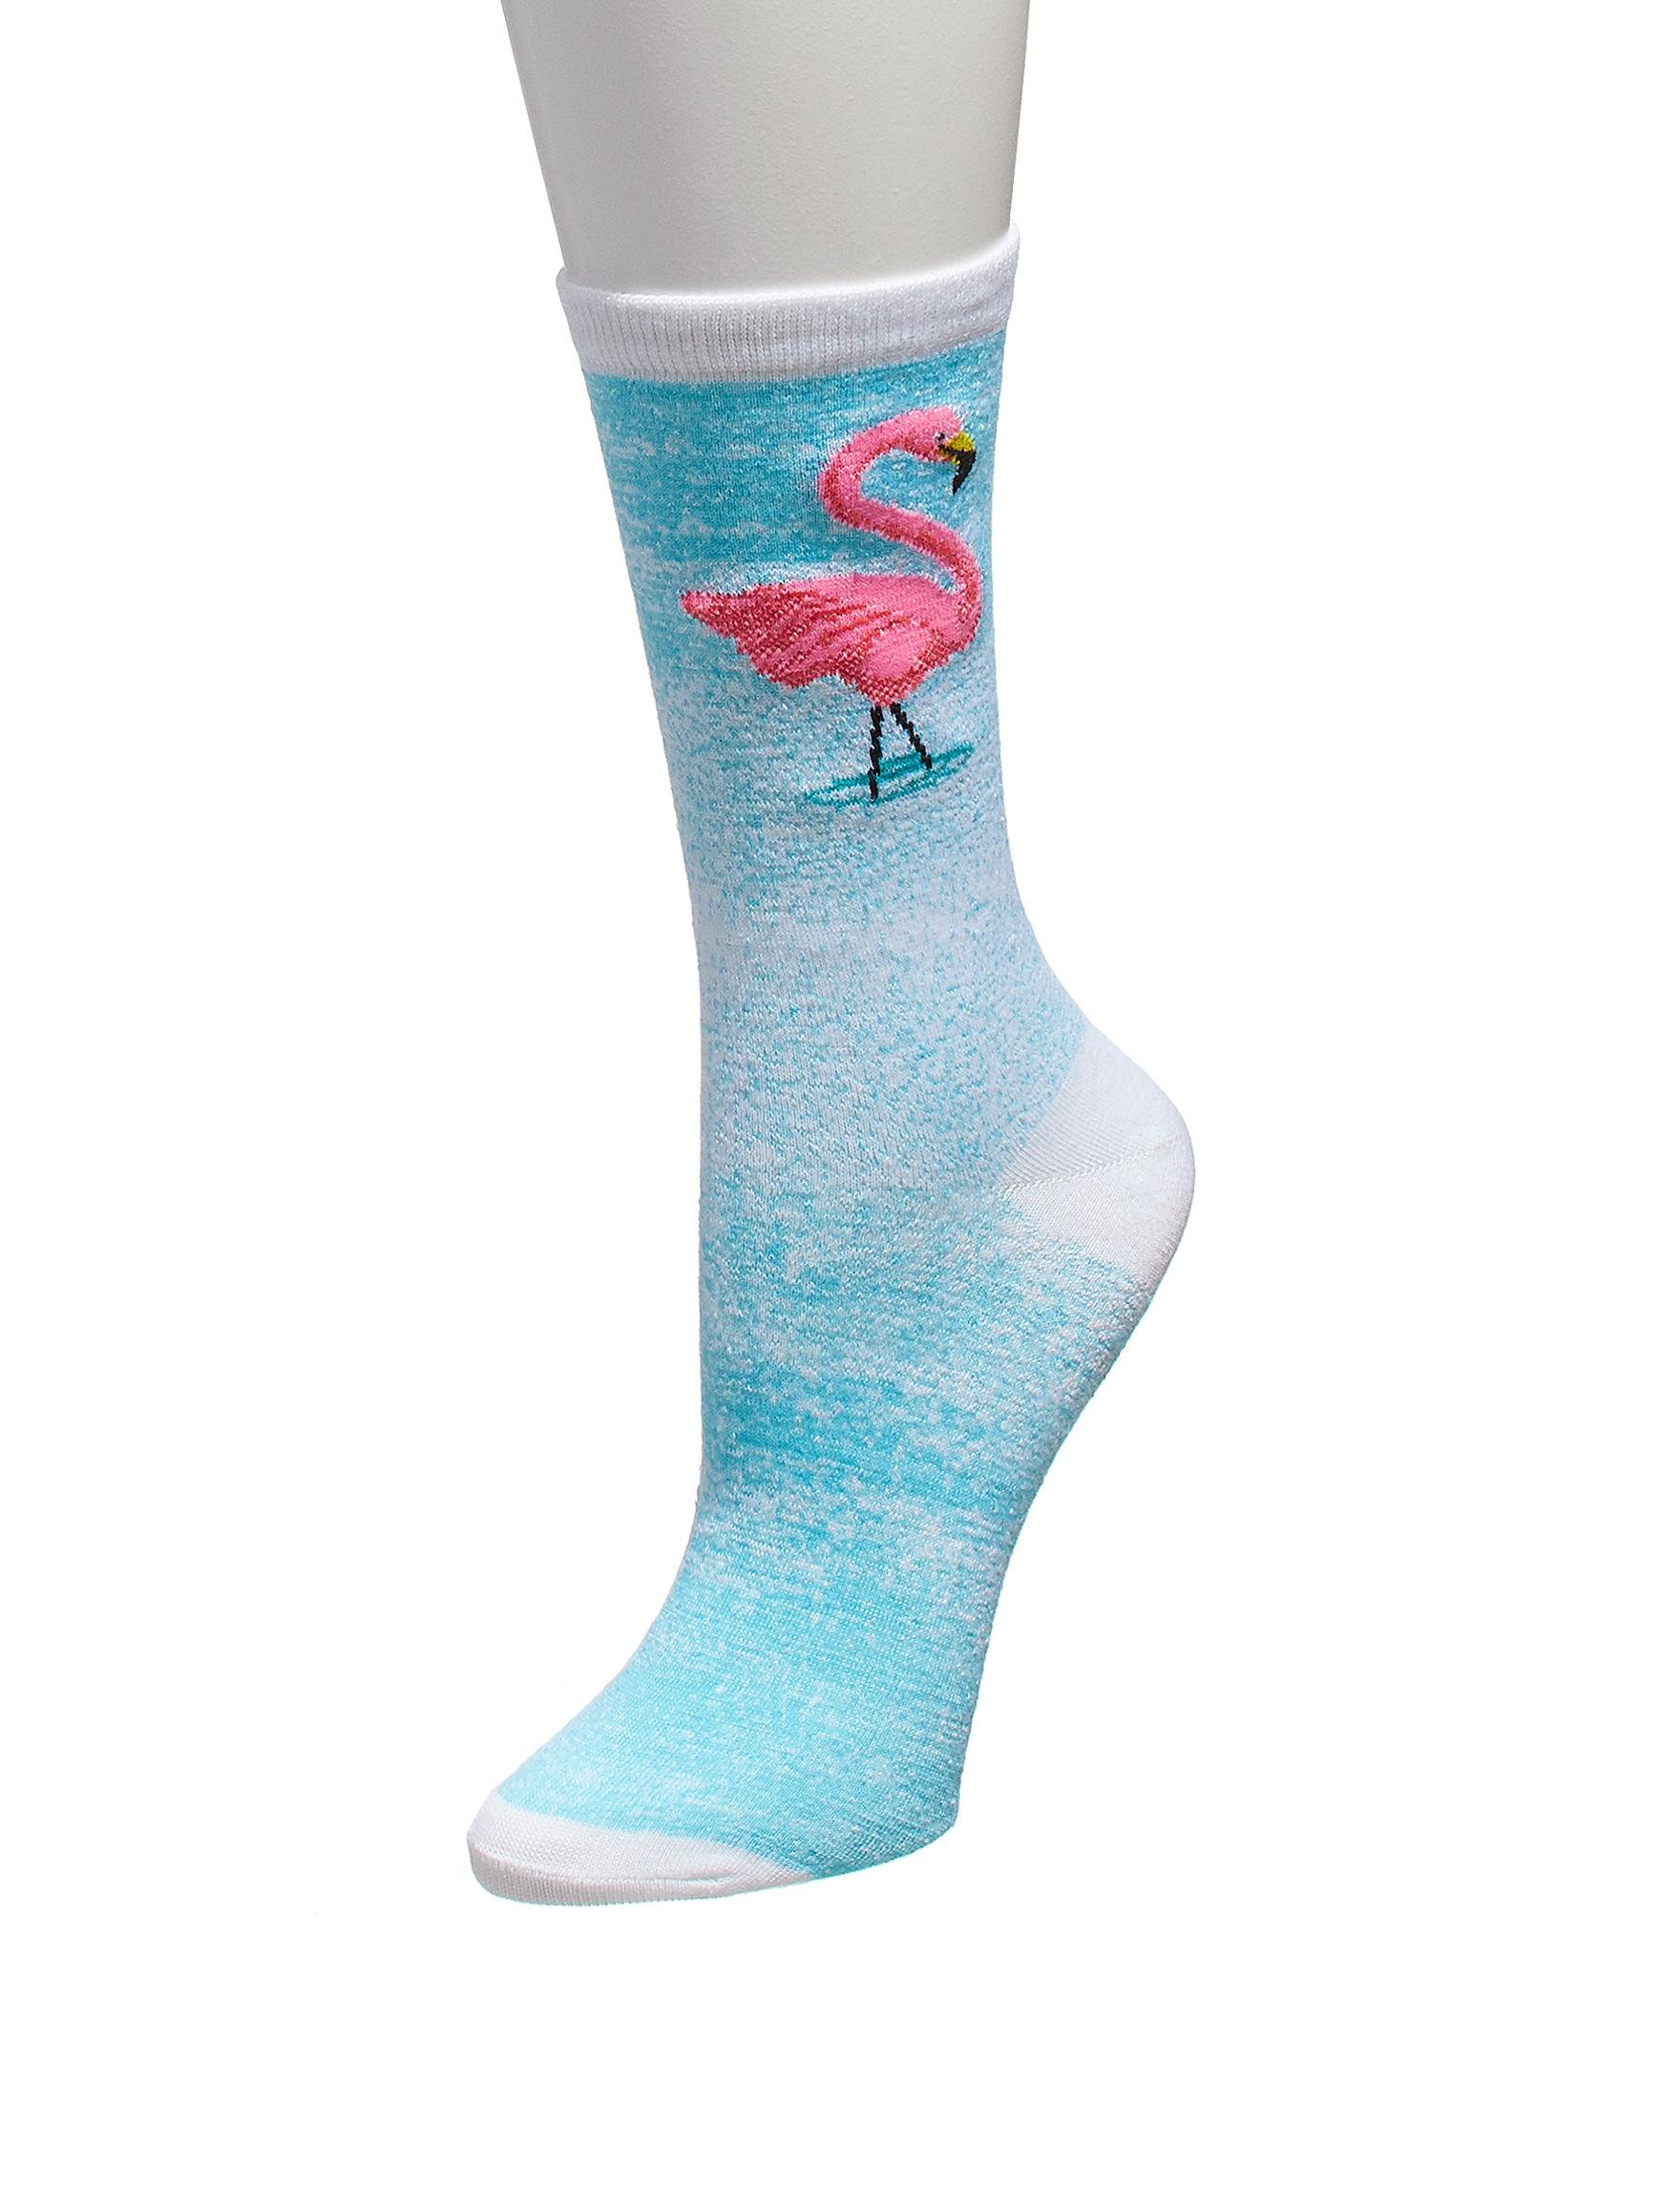 Keep Your Socks On Turquoise Socks